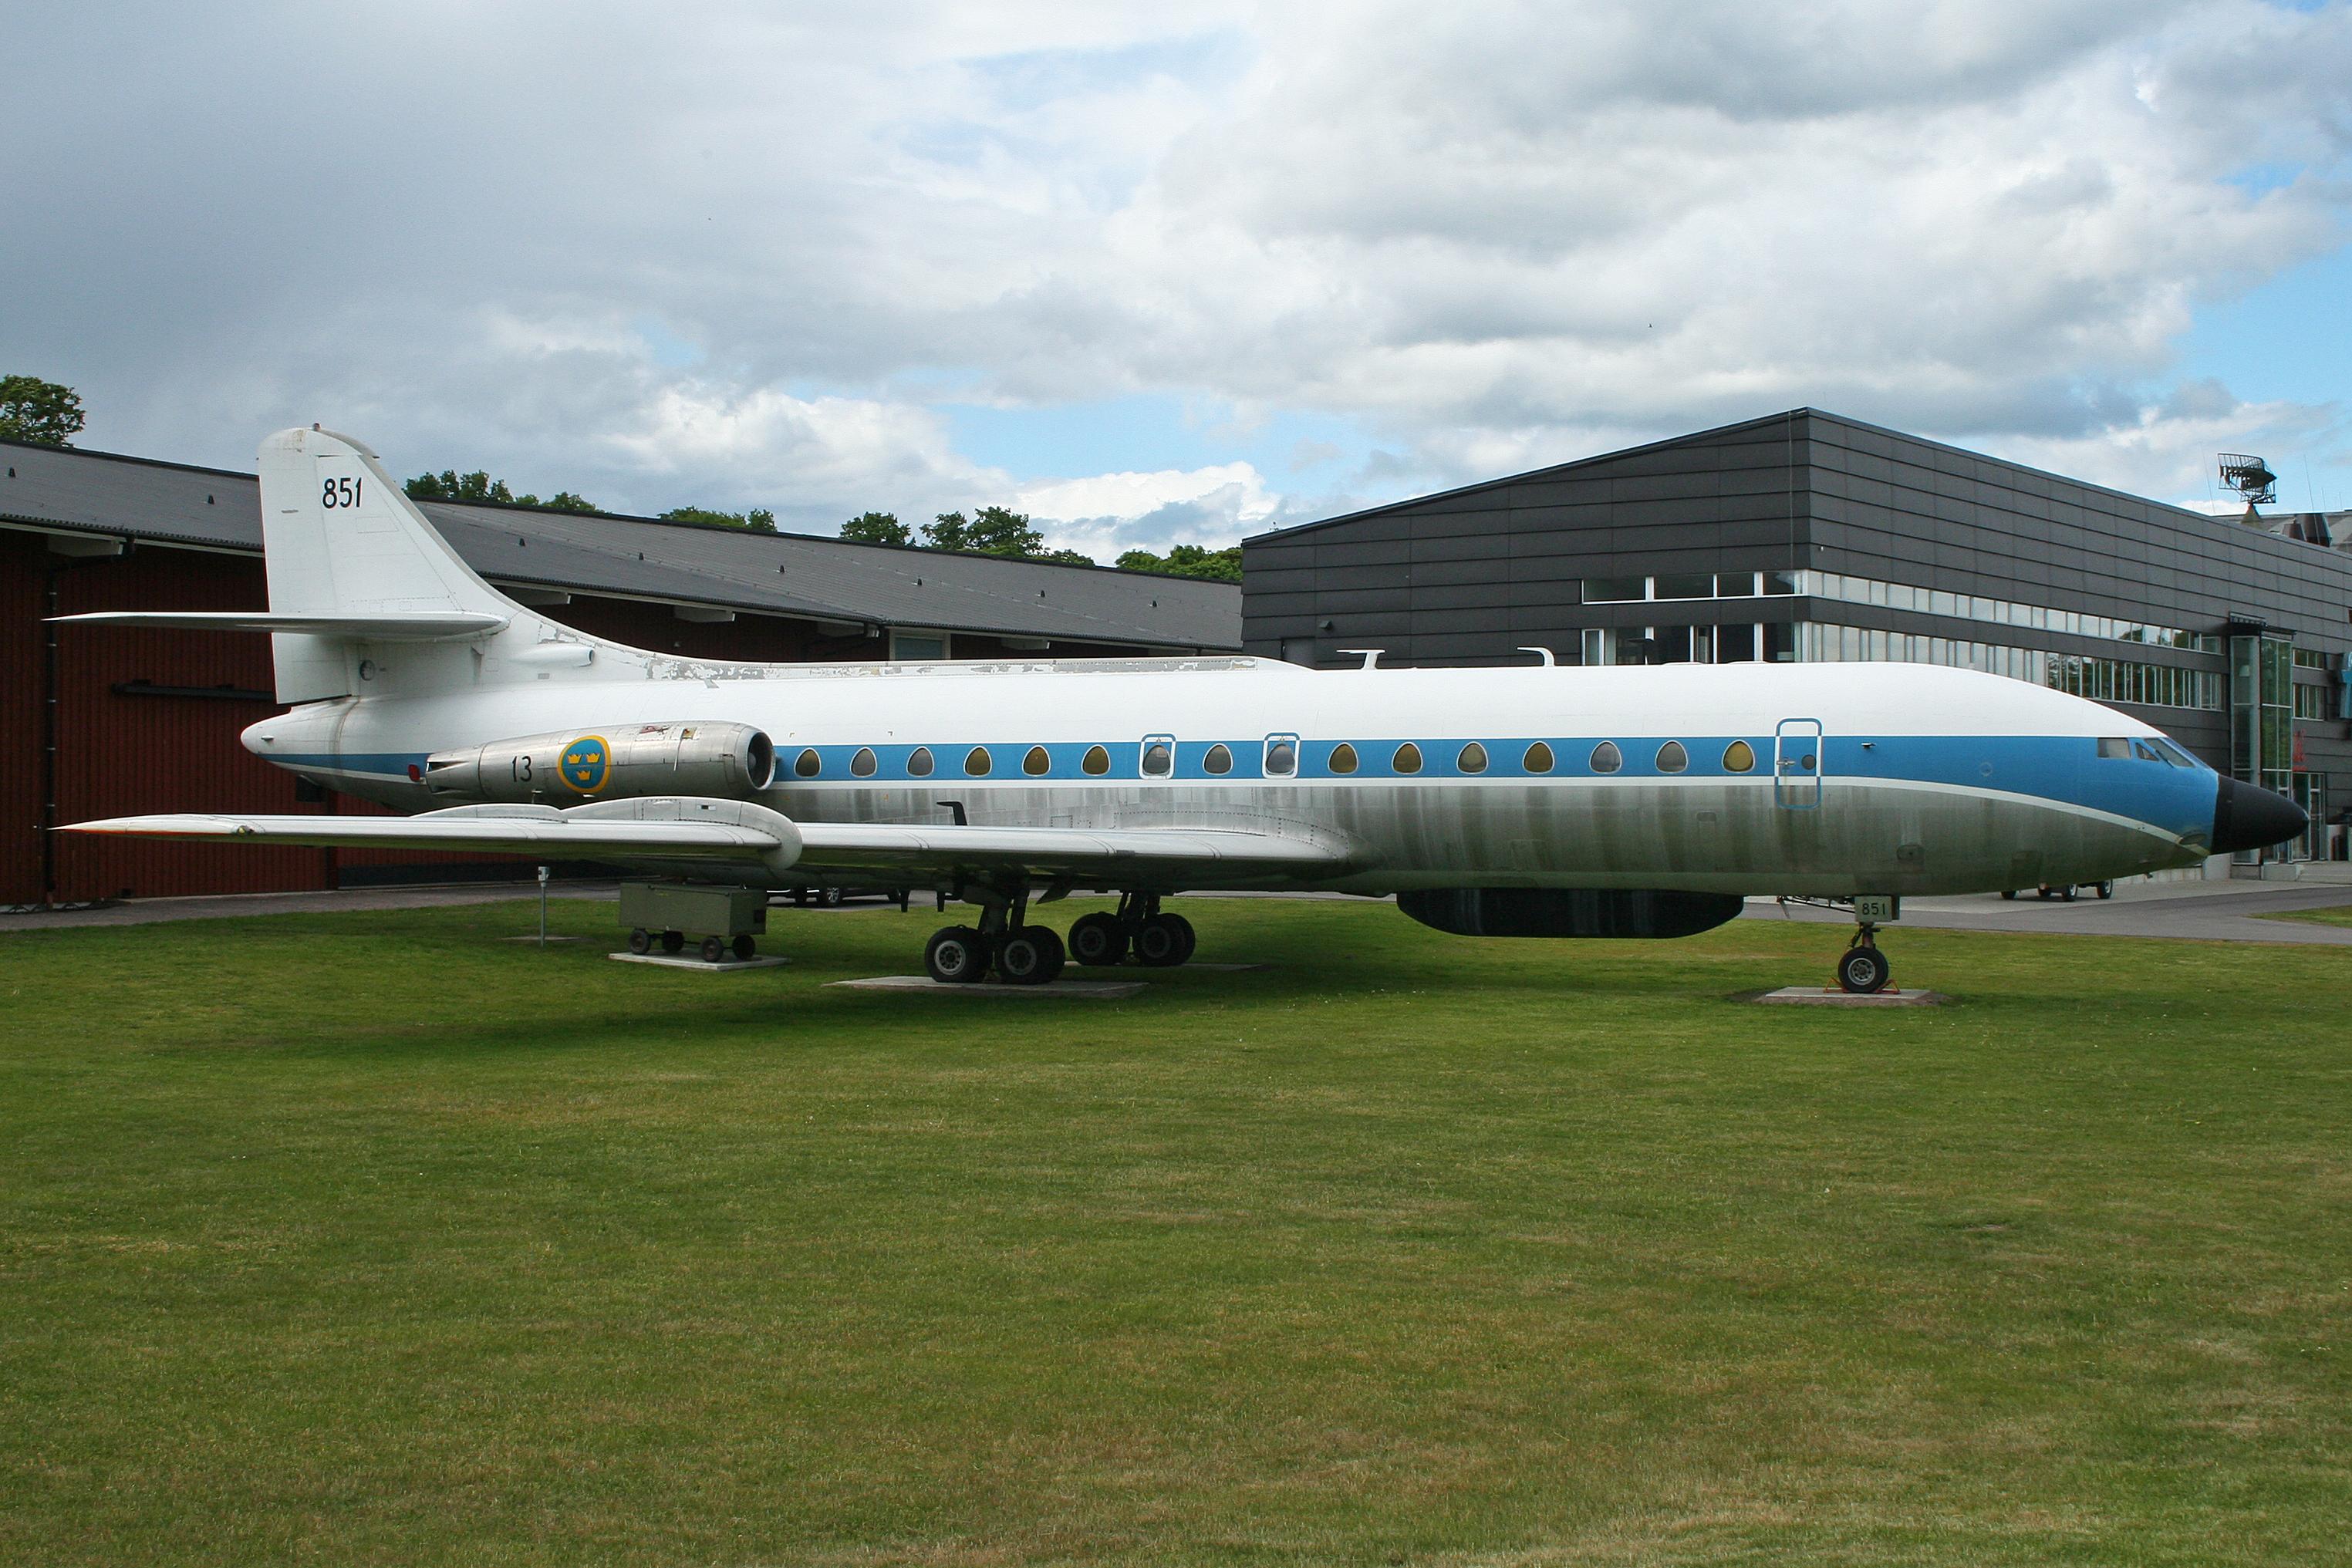 Imagini pentru TP85 caravelle